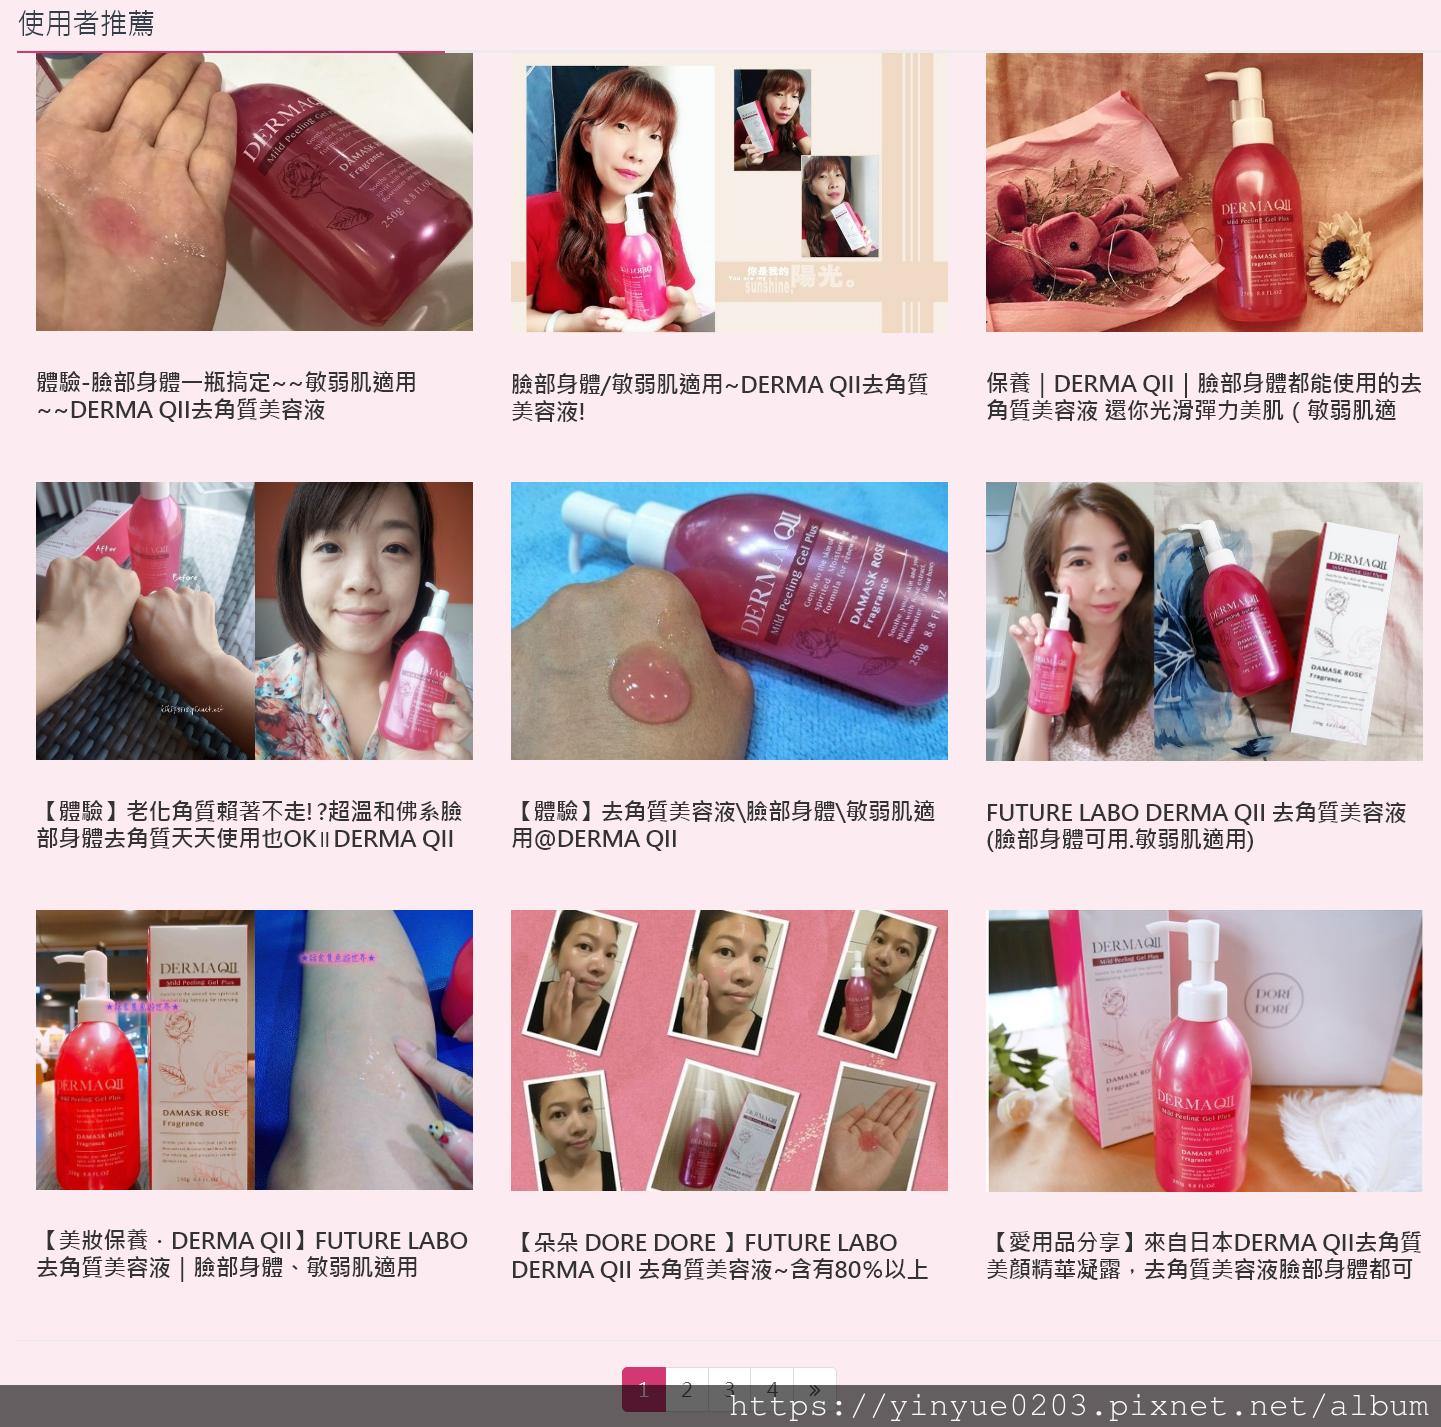 使用者推薦-日本熱銷抗老去角質 DermaQII 皇后玫瑰角質露 - 20200106